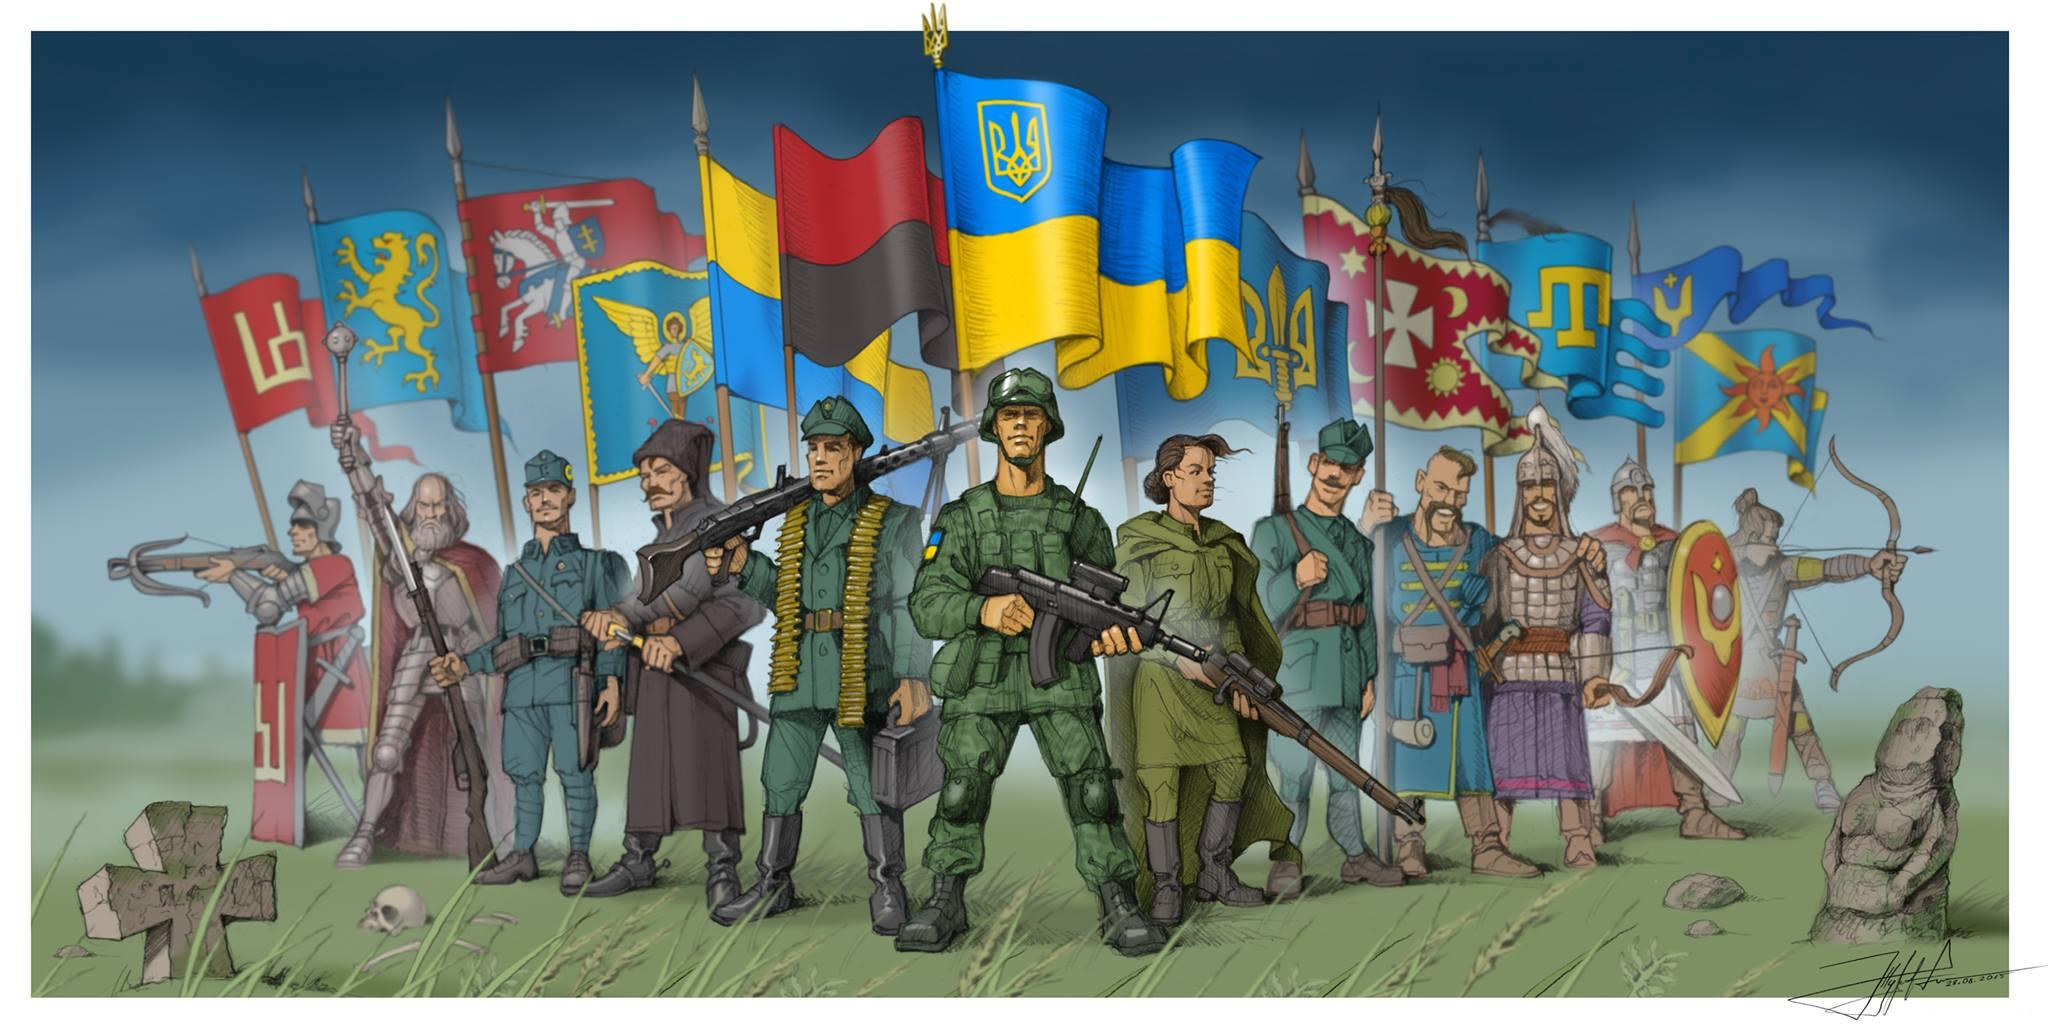 Яценюк поздравил всех защитников Украины с праздником - Цензор.НЕТ 2254